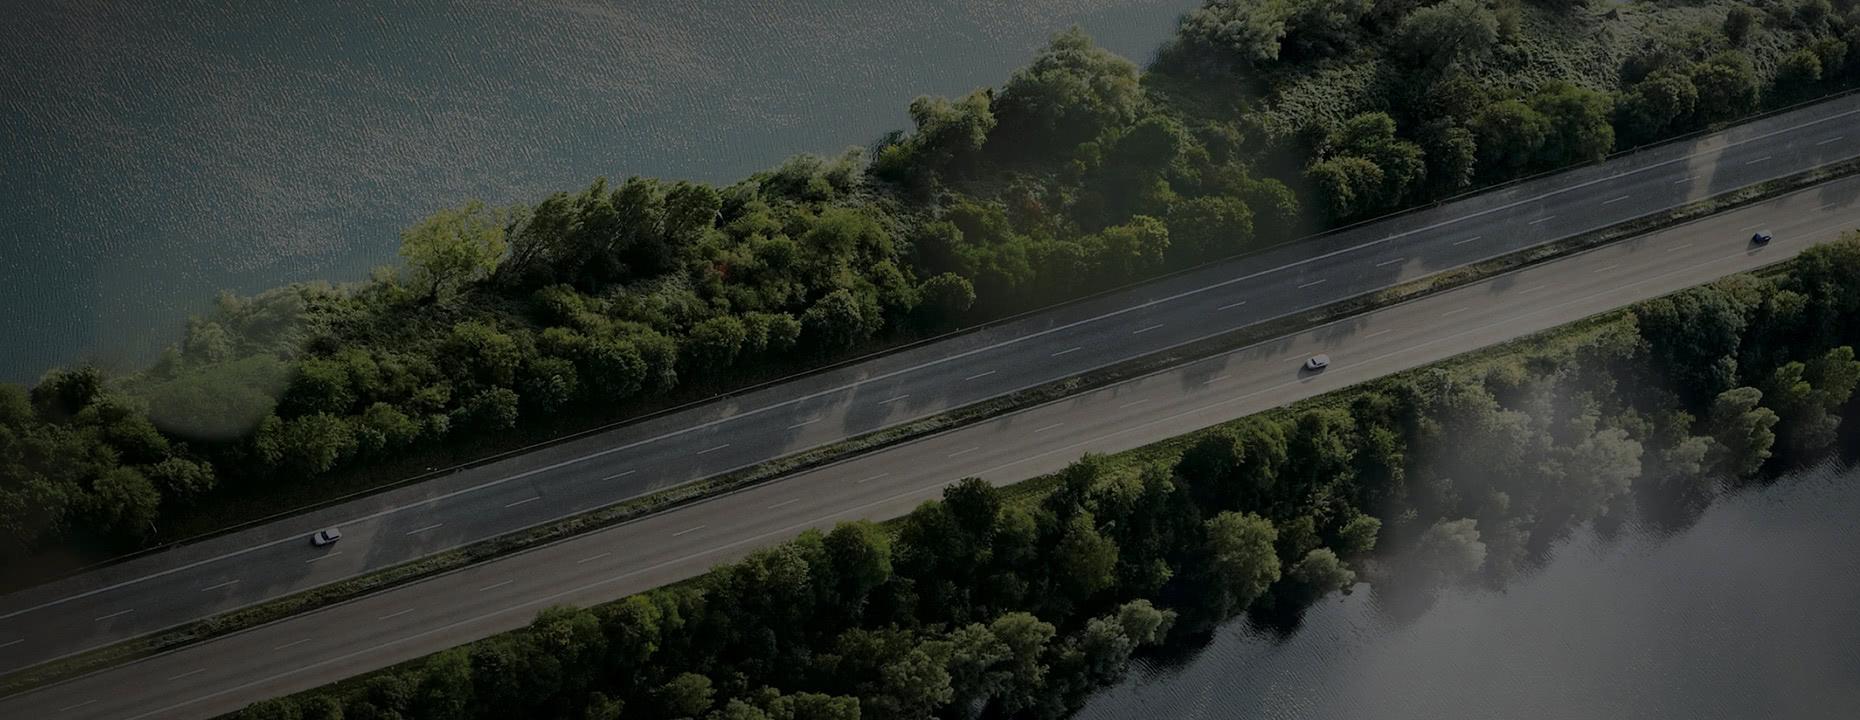 Автосервіс: близько, зручно і безпечно! | Автотрейдінг-Одесса ДП - фото 8